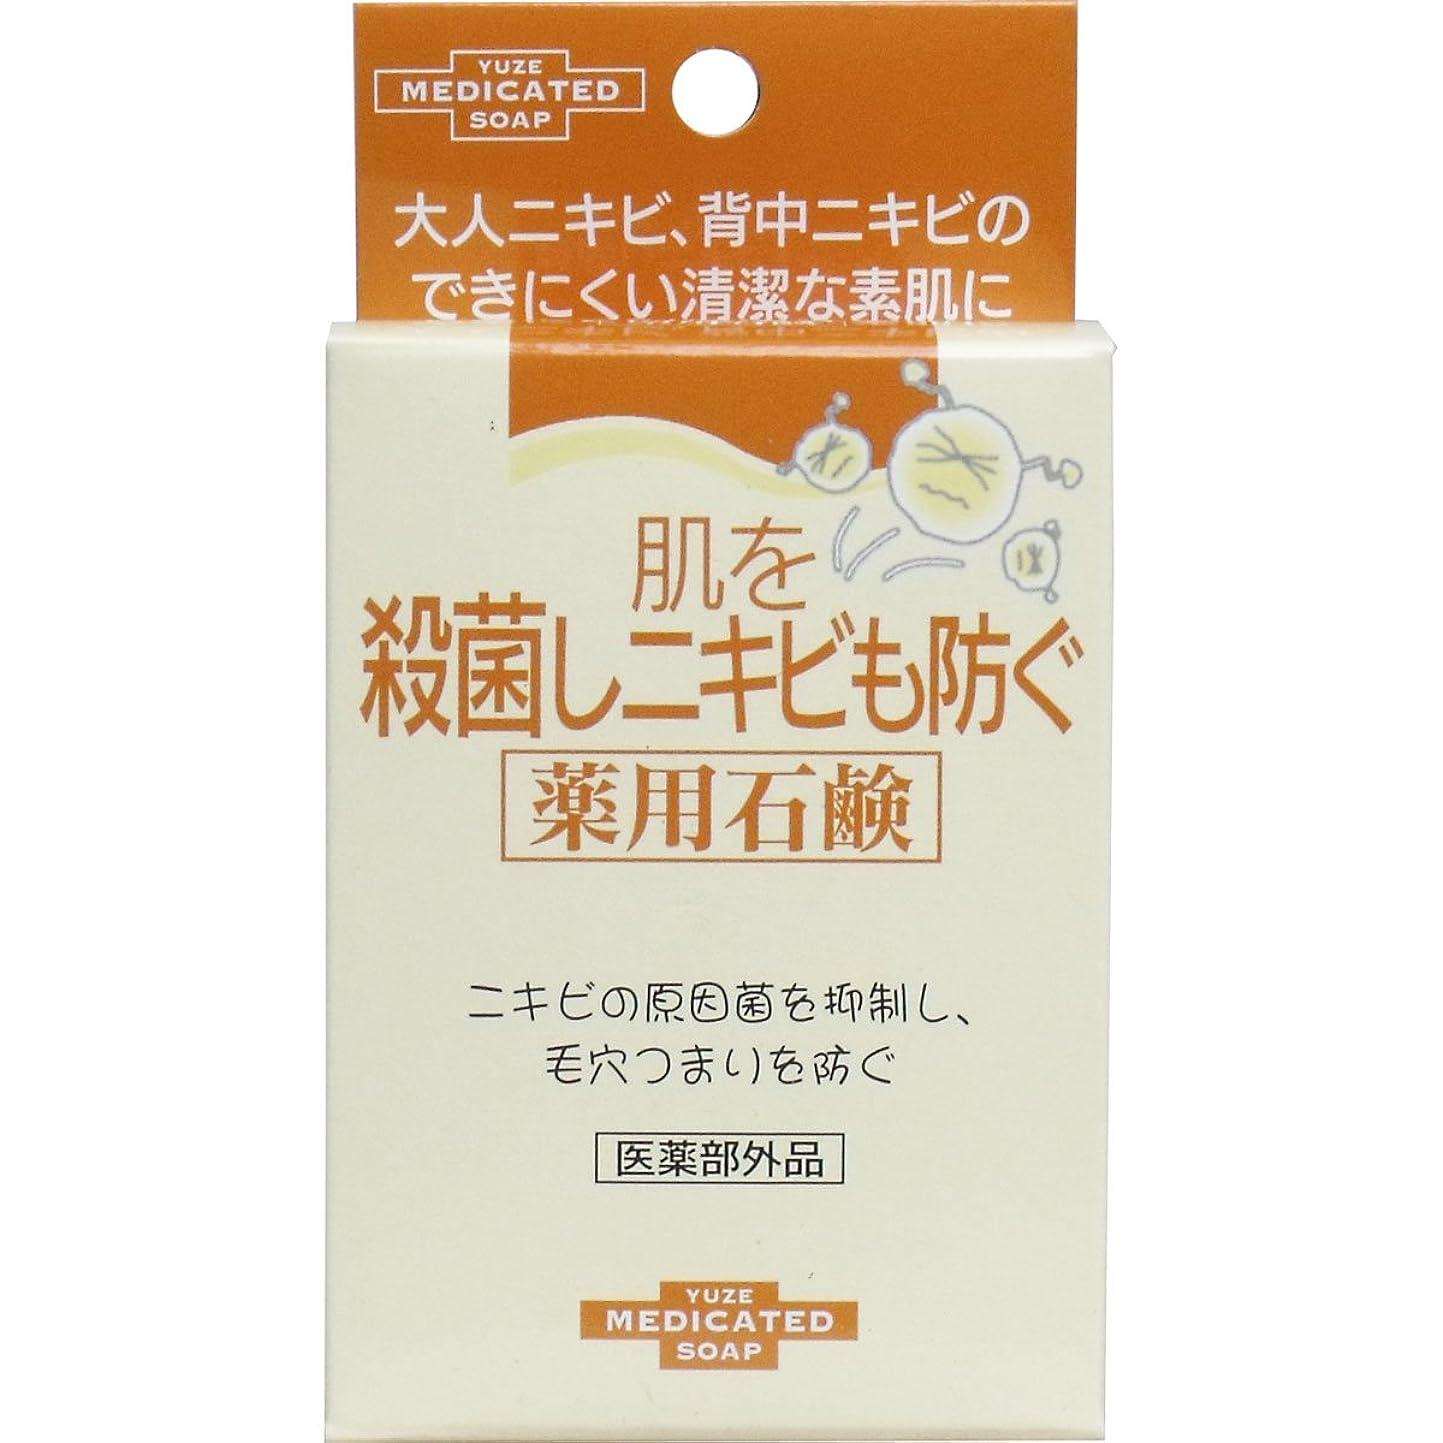 添加剤感謝全国ユゼ 肌を殺菌しニキビも防ぐ薬用石鹸 6セット